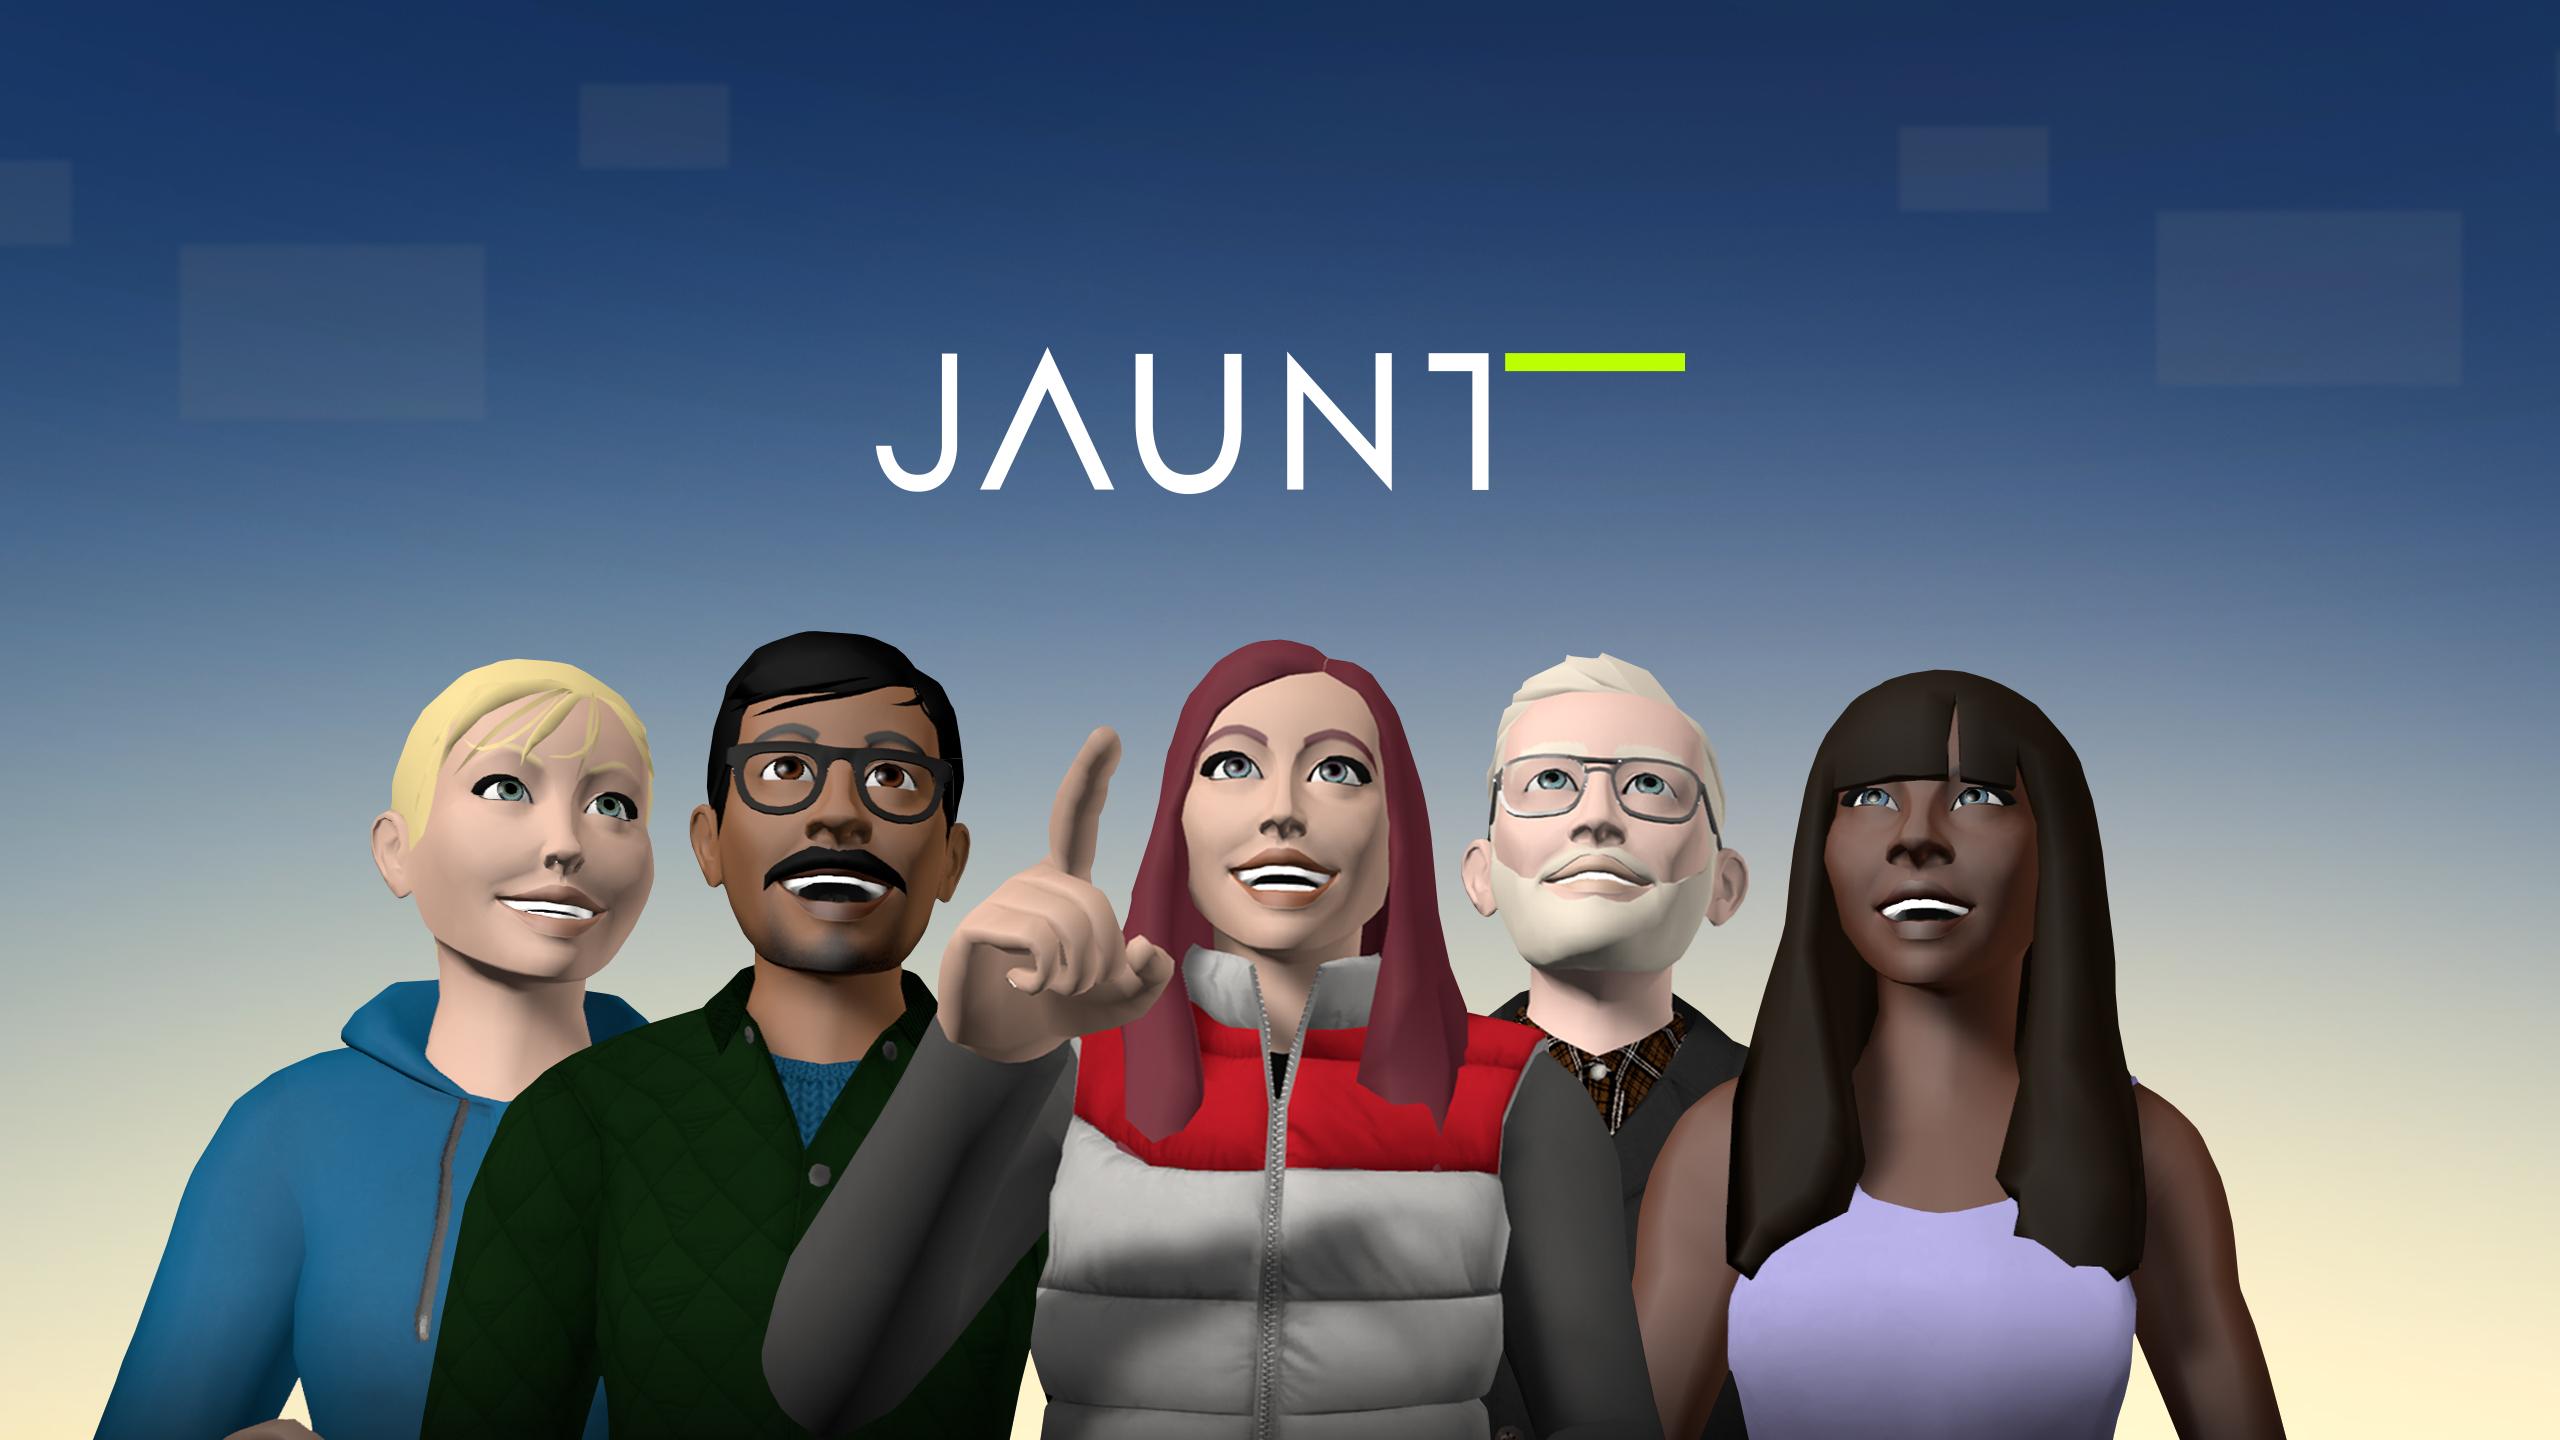 VTIME VR Social Network Jaunt XR Platform 360 Content